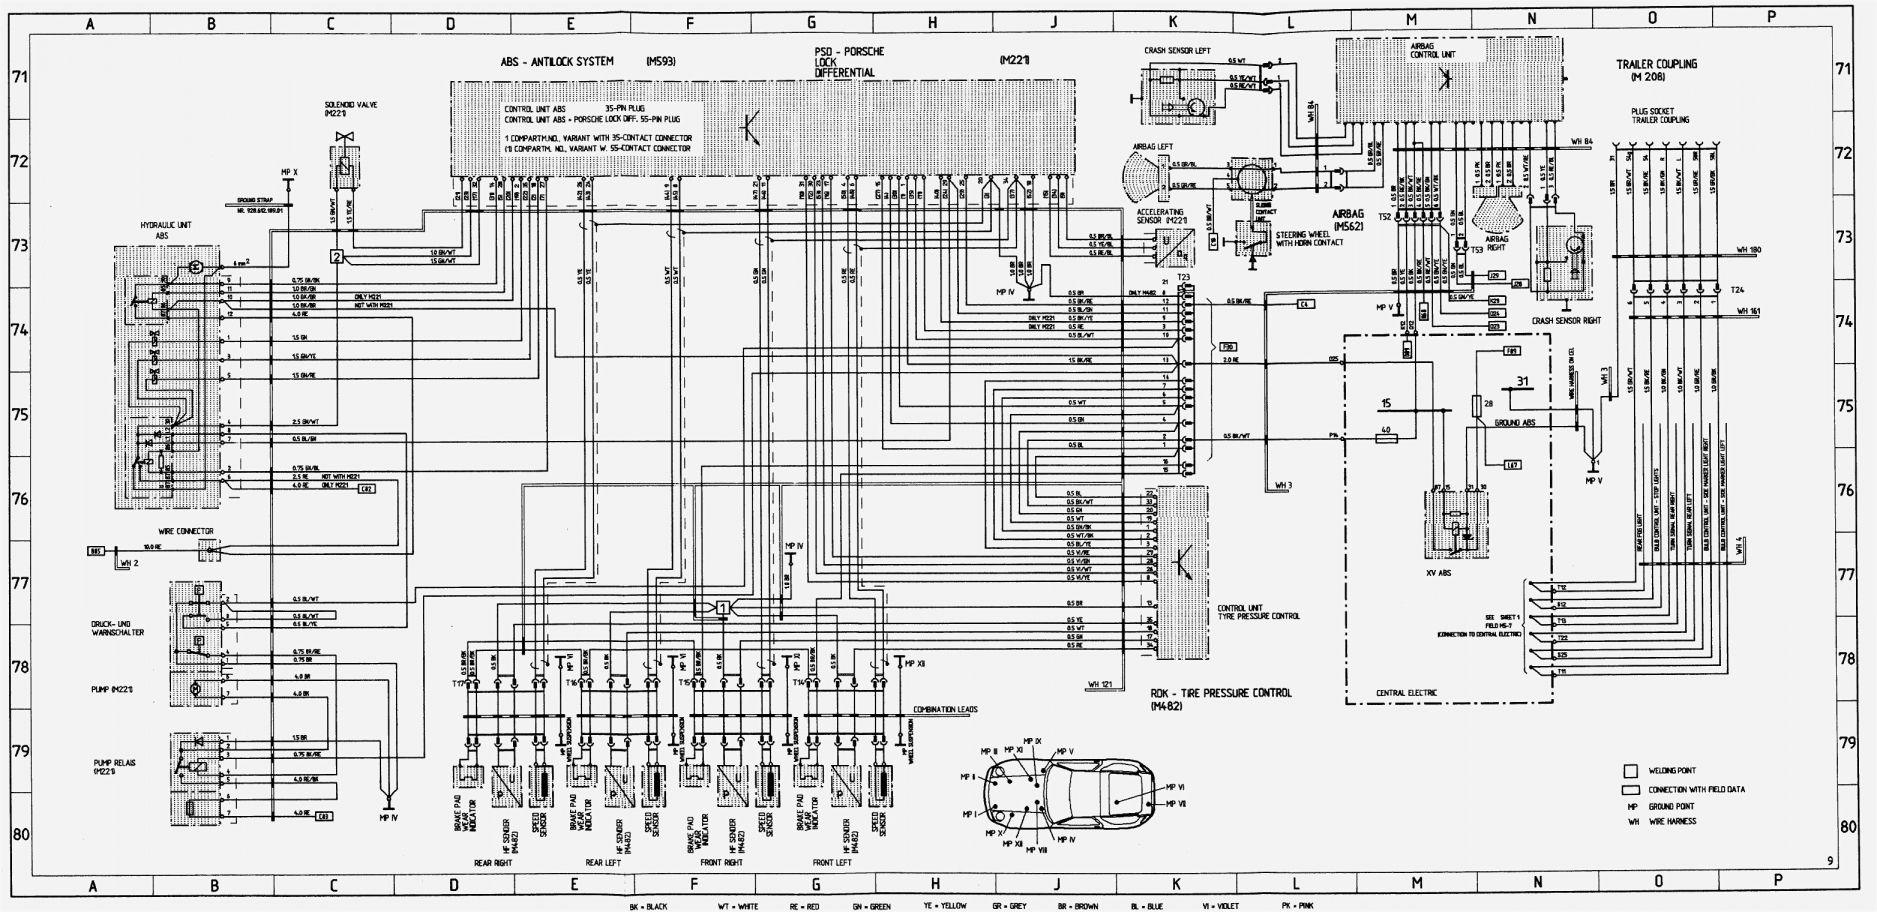 2012 ford fusion engine wiring diagrams 15 bmw n52 engine wiring diagram engine diagram in 2020  15 bmw n52 engine wiring diagram